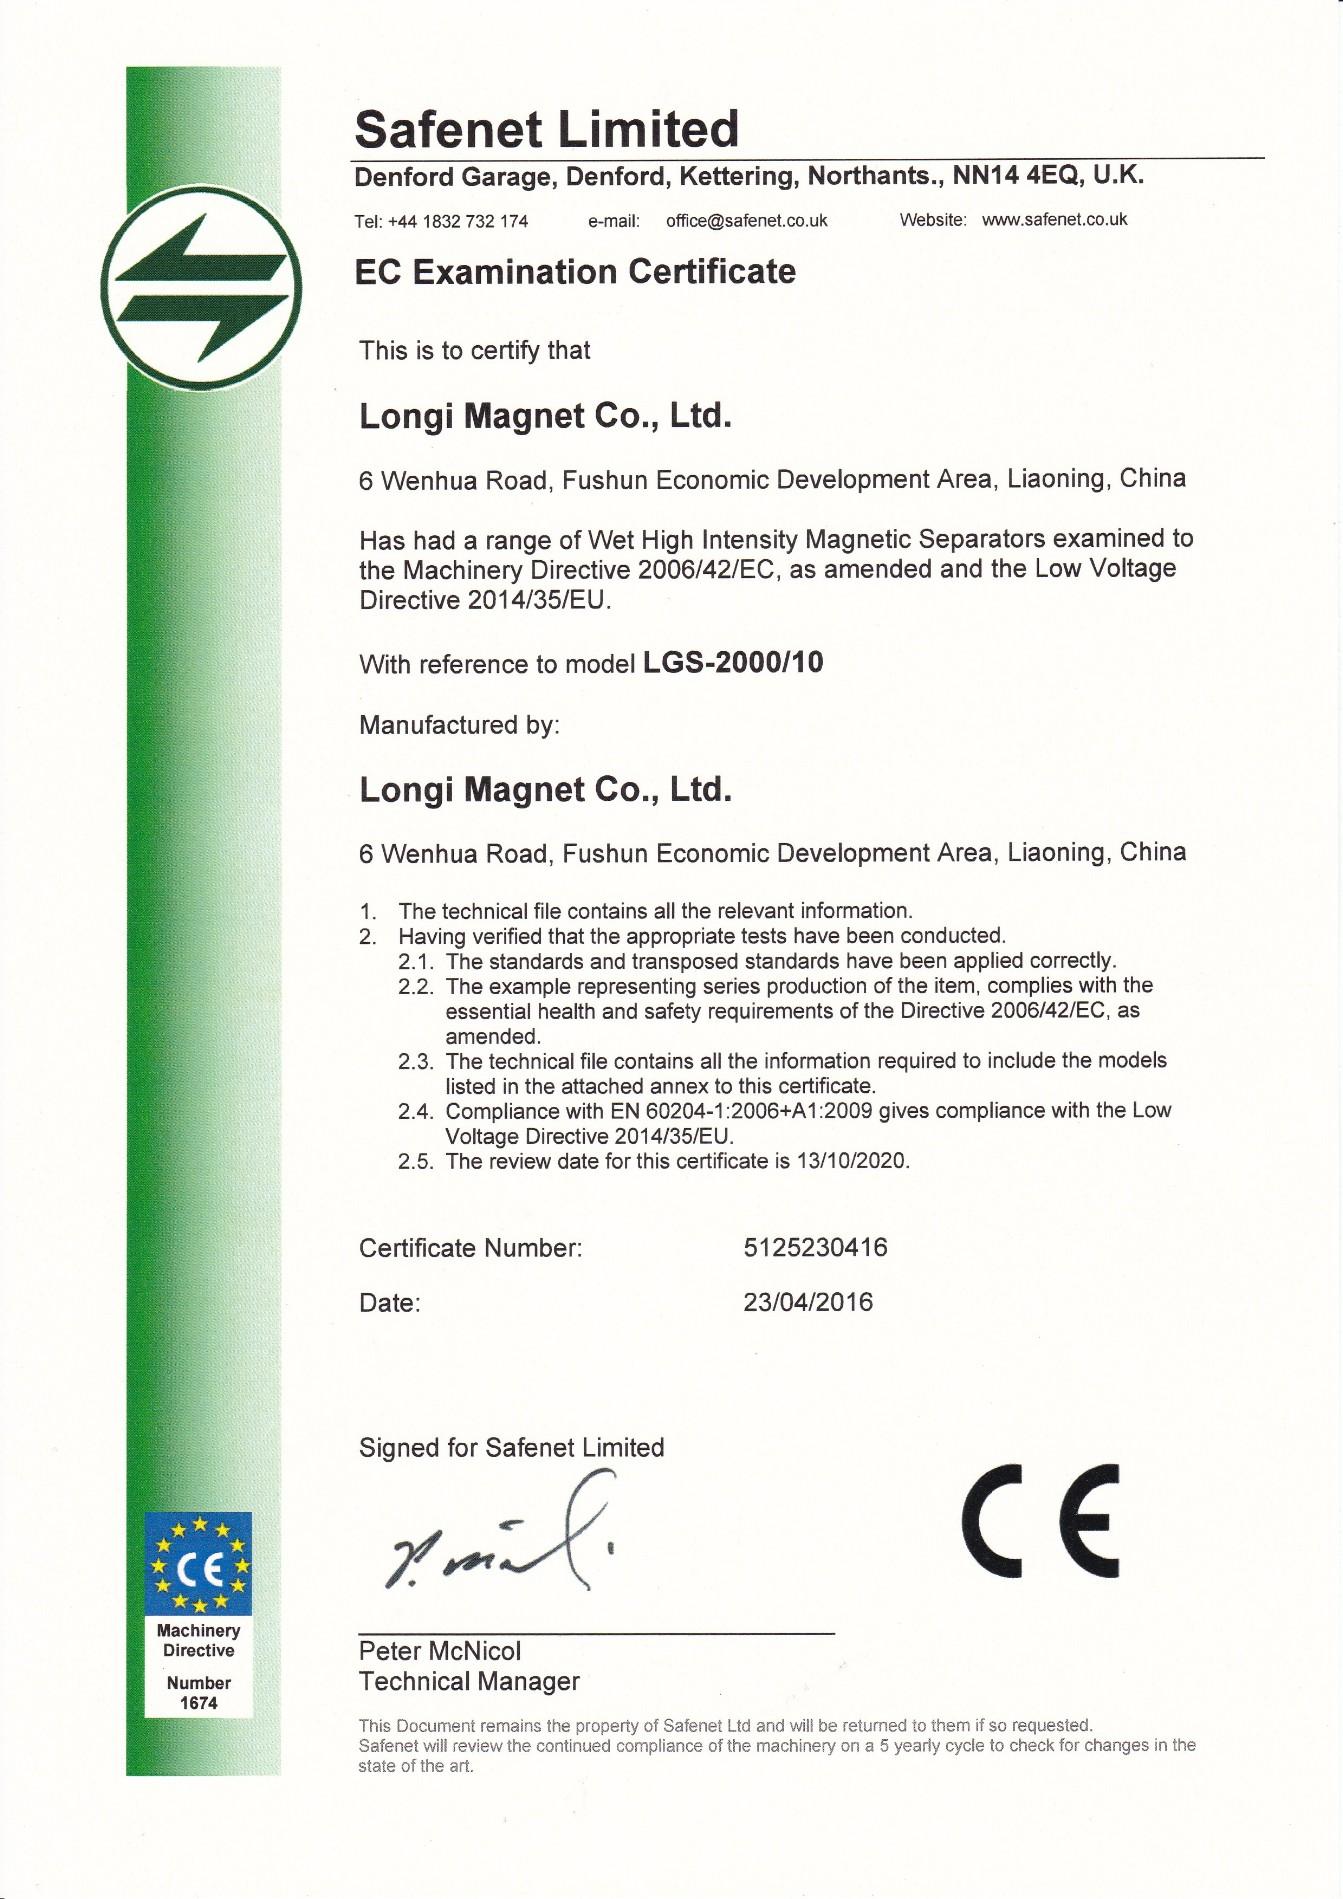 תעודת בדיקת EC למפריד מגנטי רטוב בעצימות גבוהה